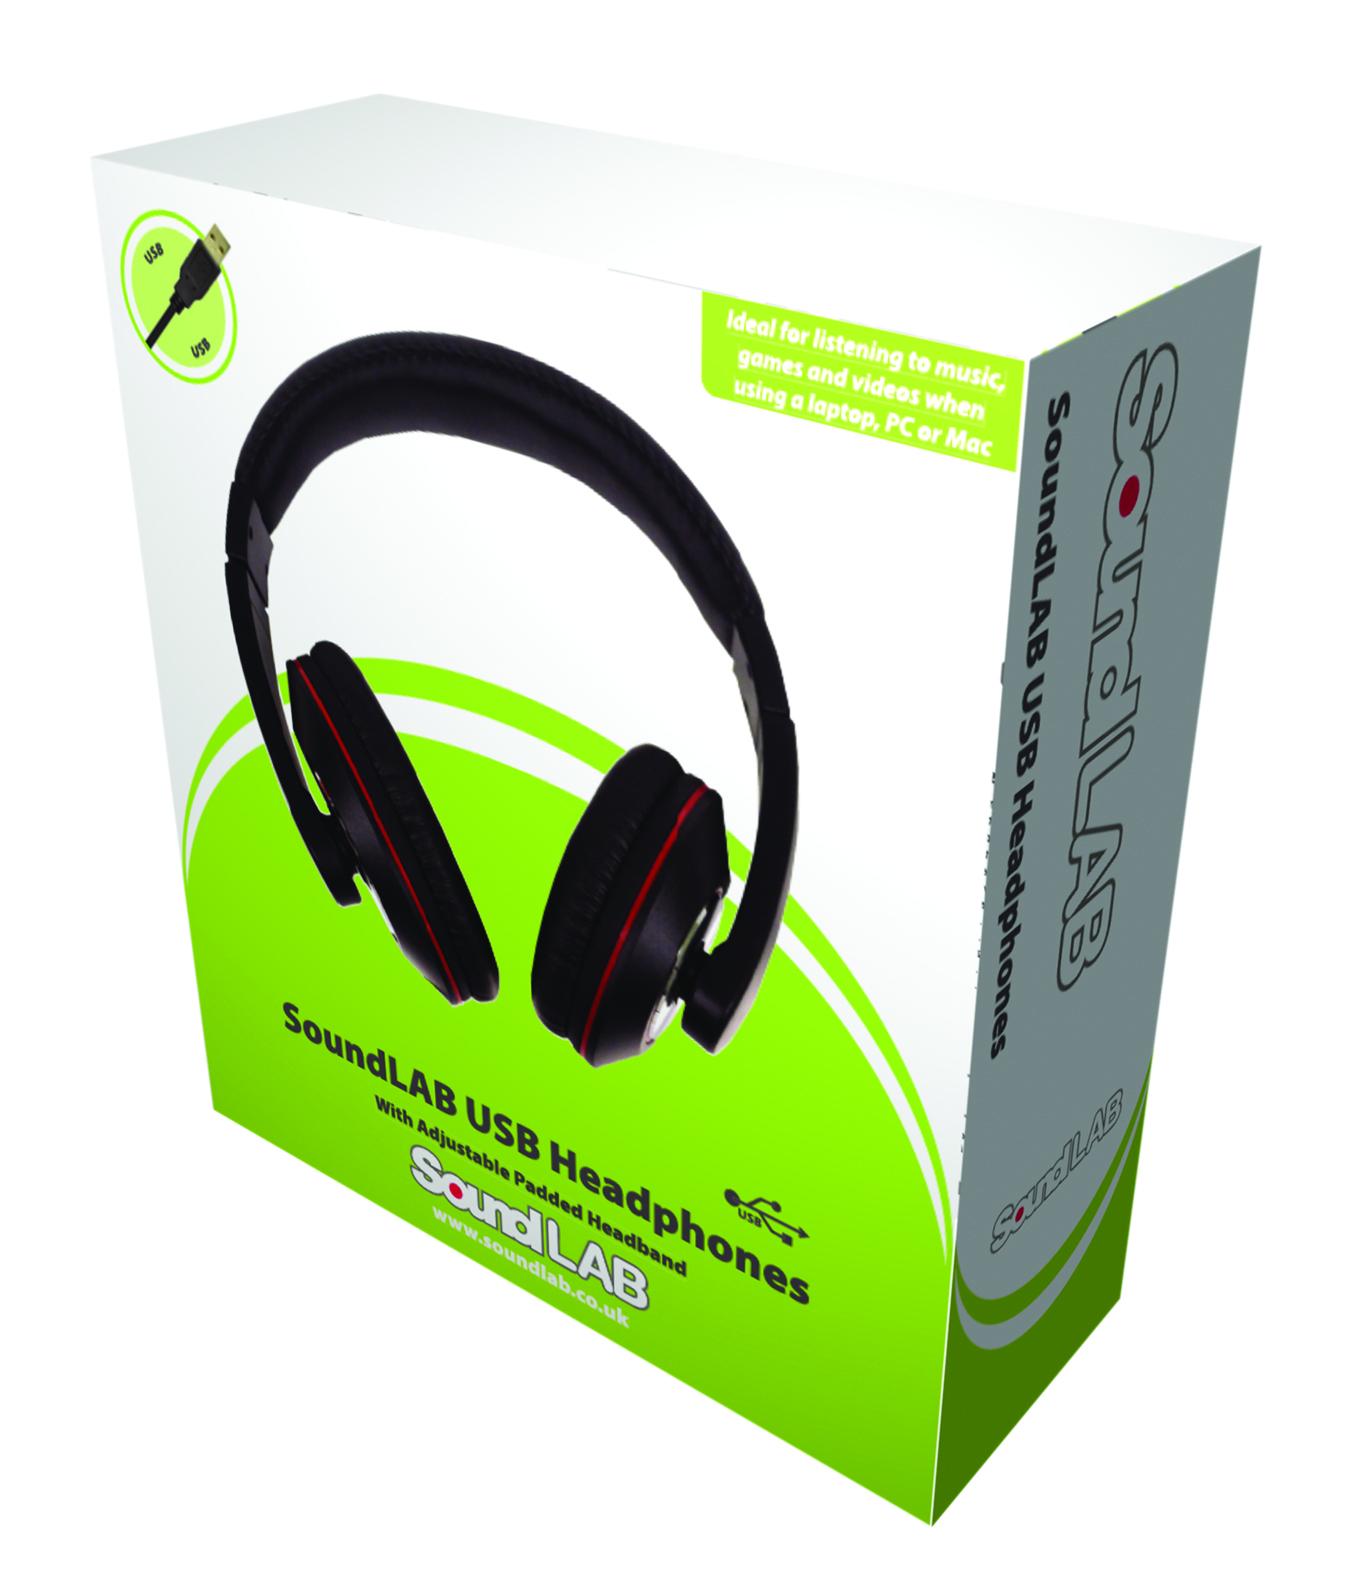 Soundlab stereo usb cuffie con microfono incorporato pc - Cuffie traduzione ...